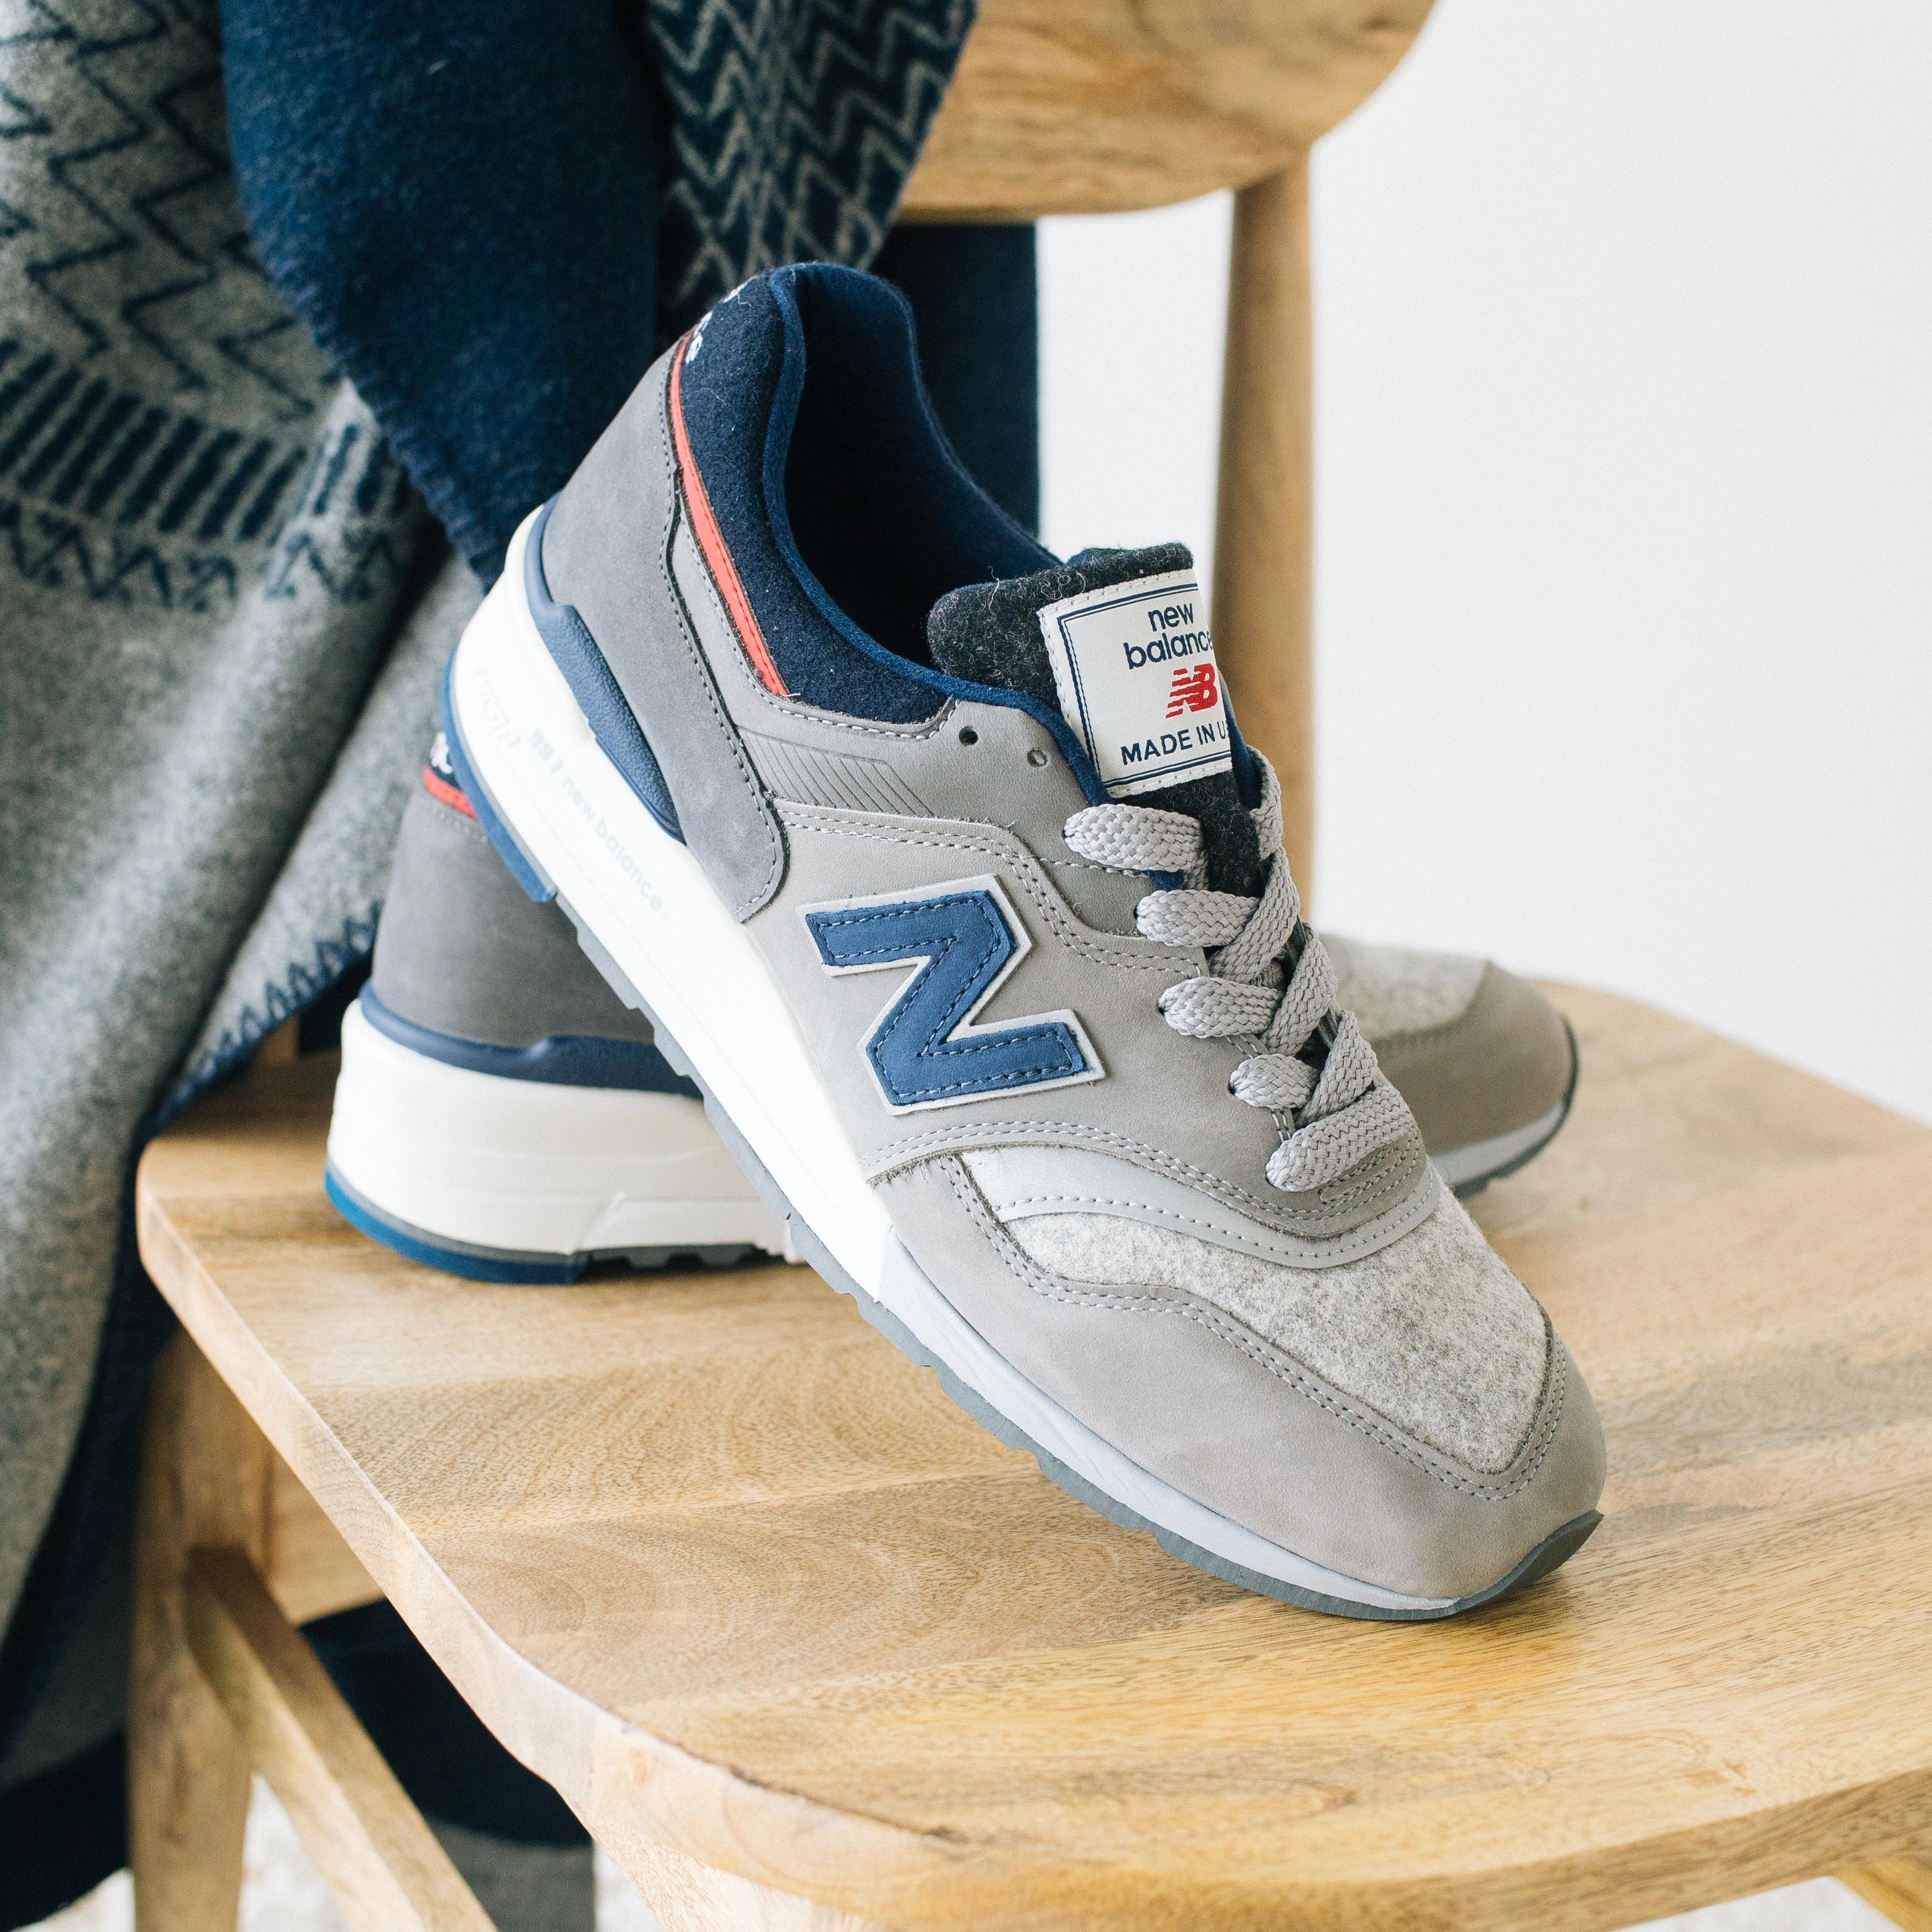 new balance 997 woolrich